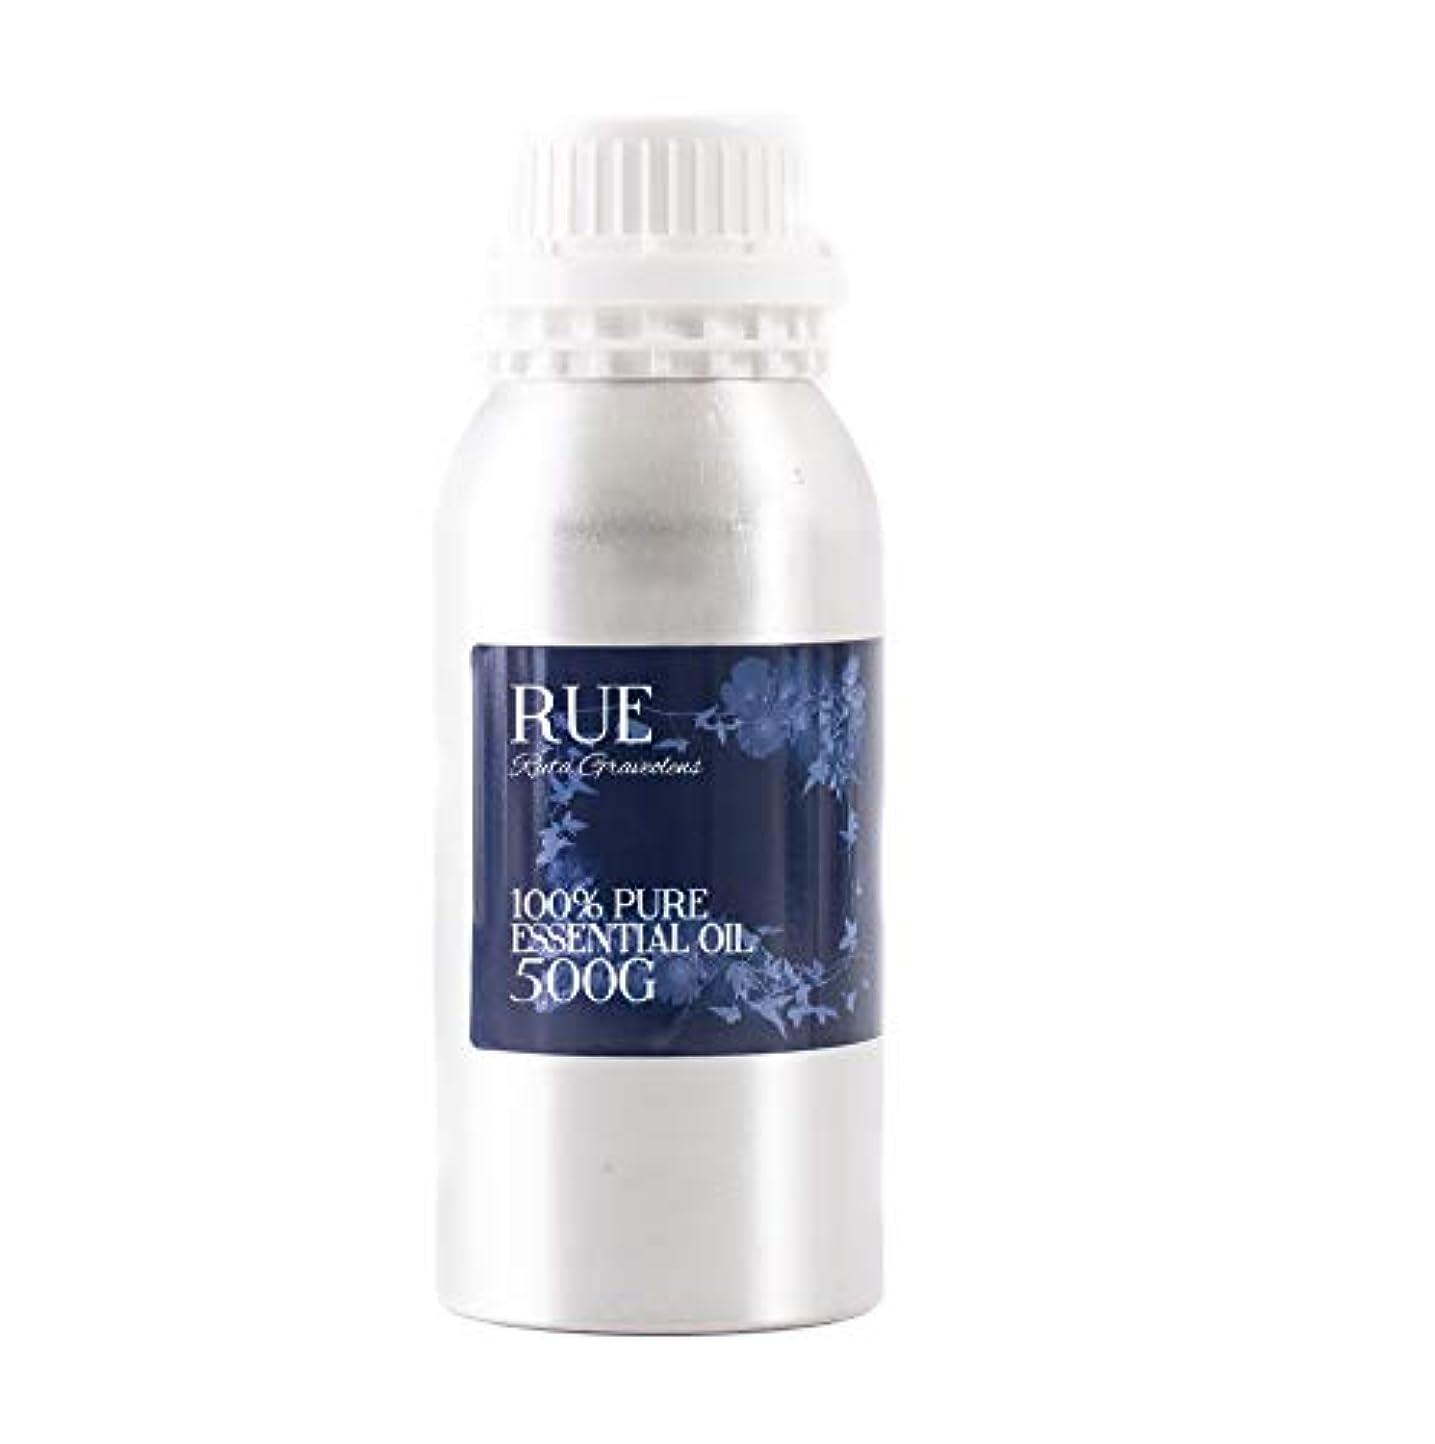 亡命一目ヨーグルトMystic Moments | Rue Essential Oil - 500g - 100% Pure